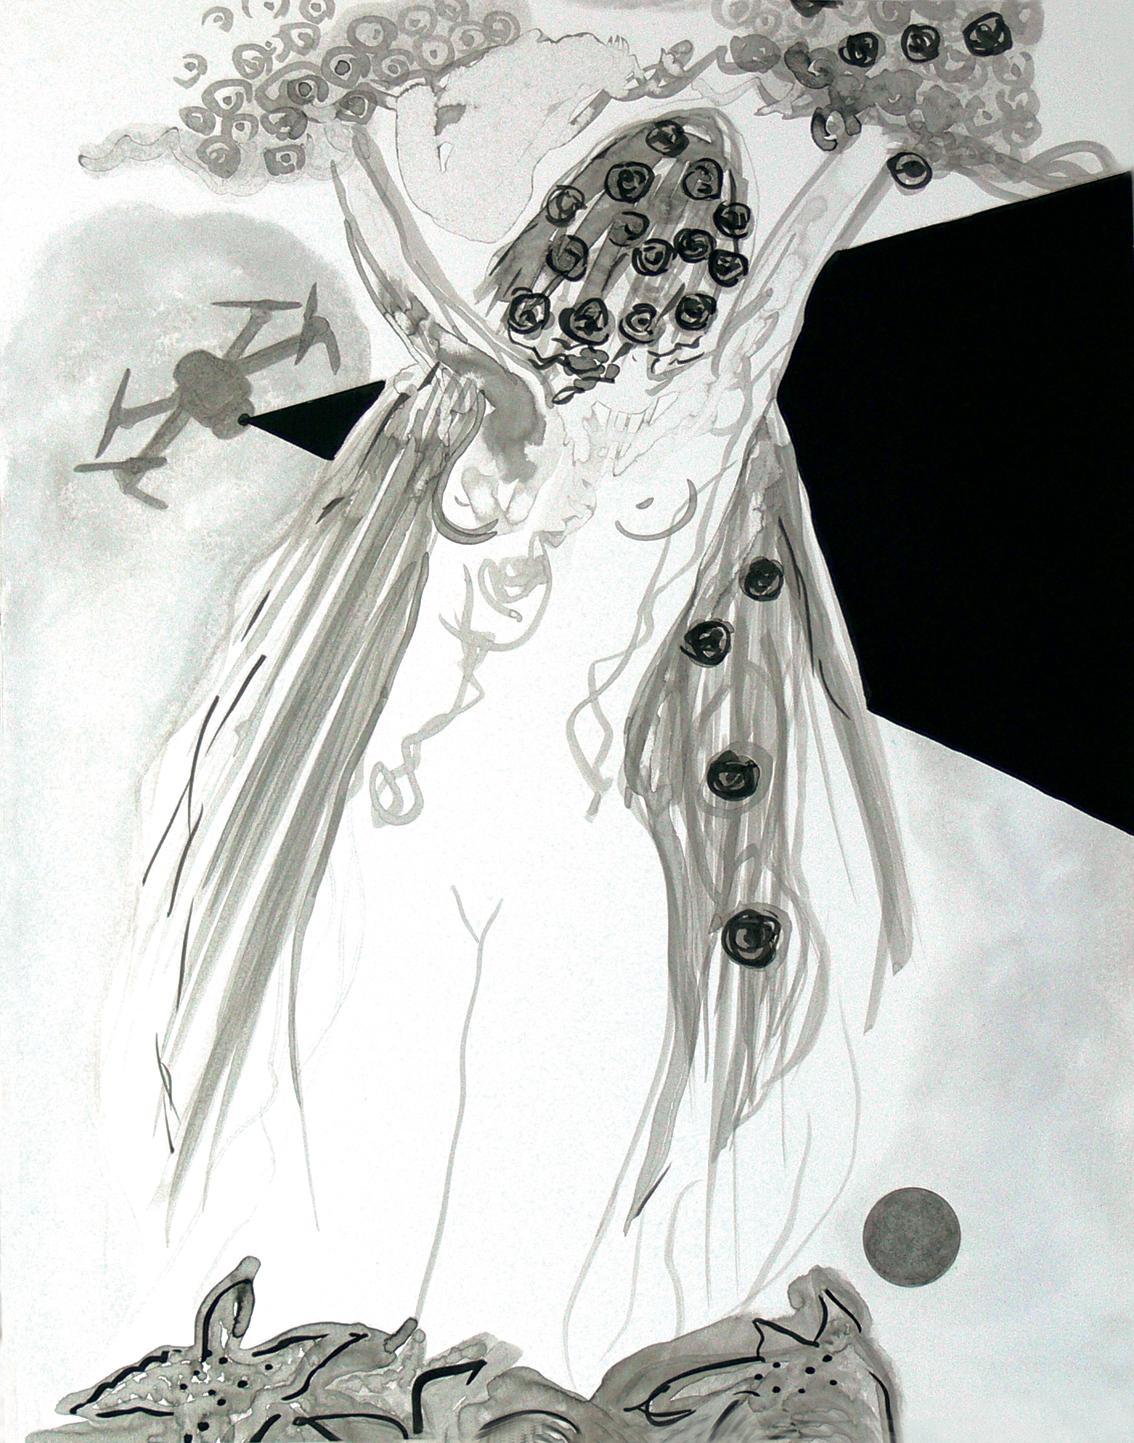 Antigone 1 // Tusche auf Papier // 50 x 40 cm // 2018